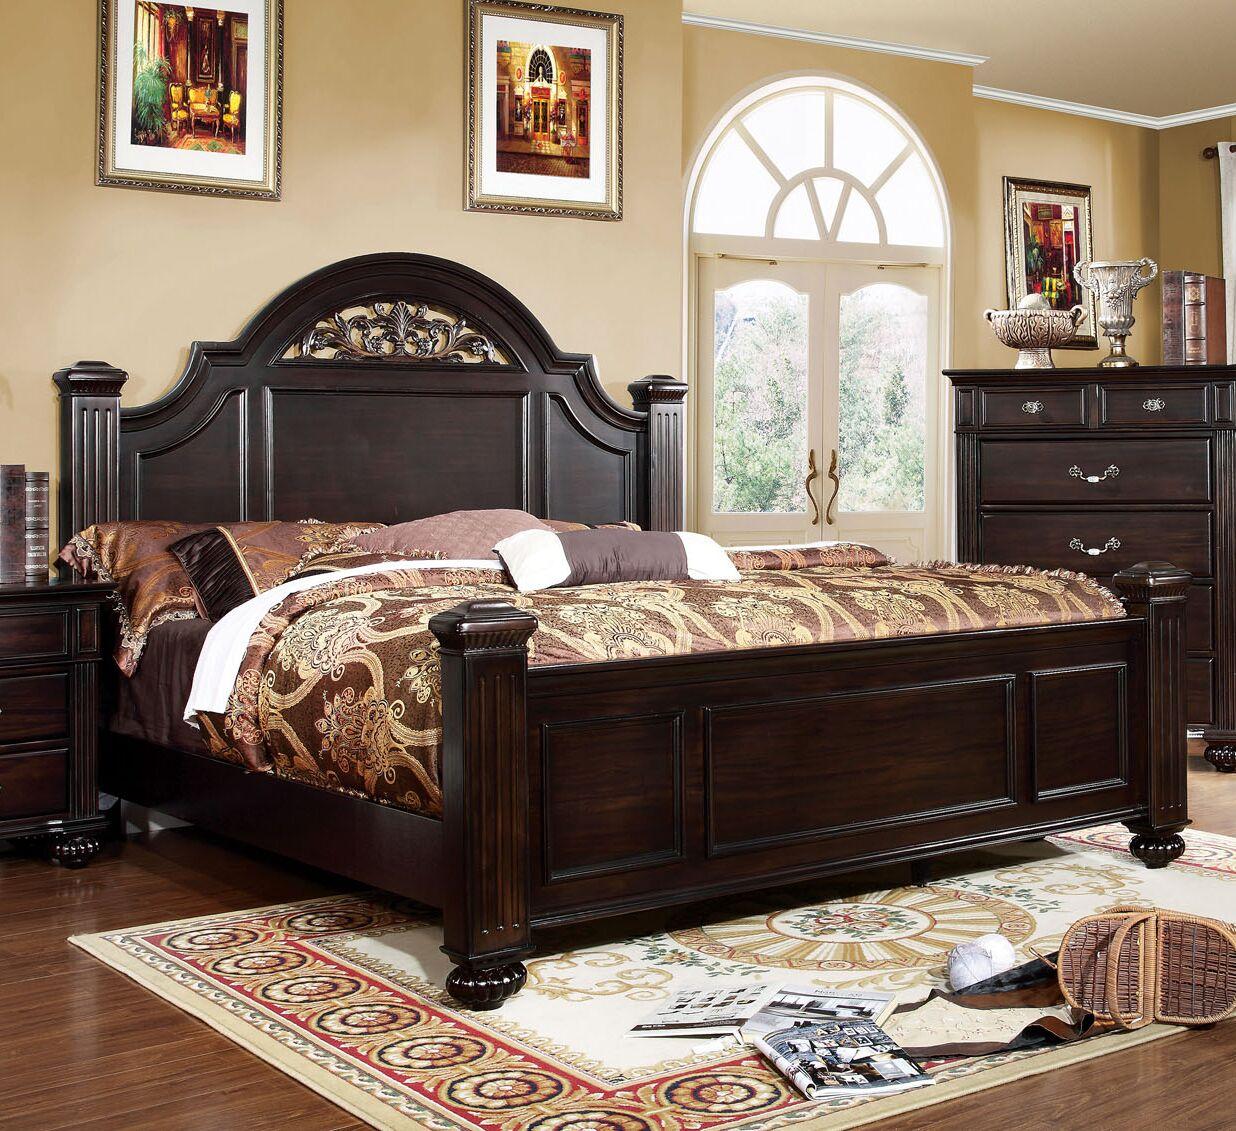 Wesleyan Panel Bed Size: California King